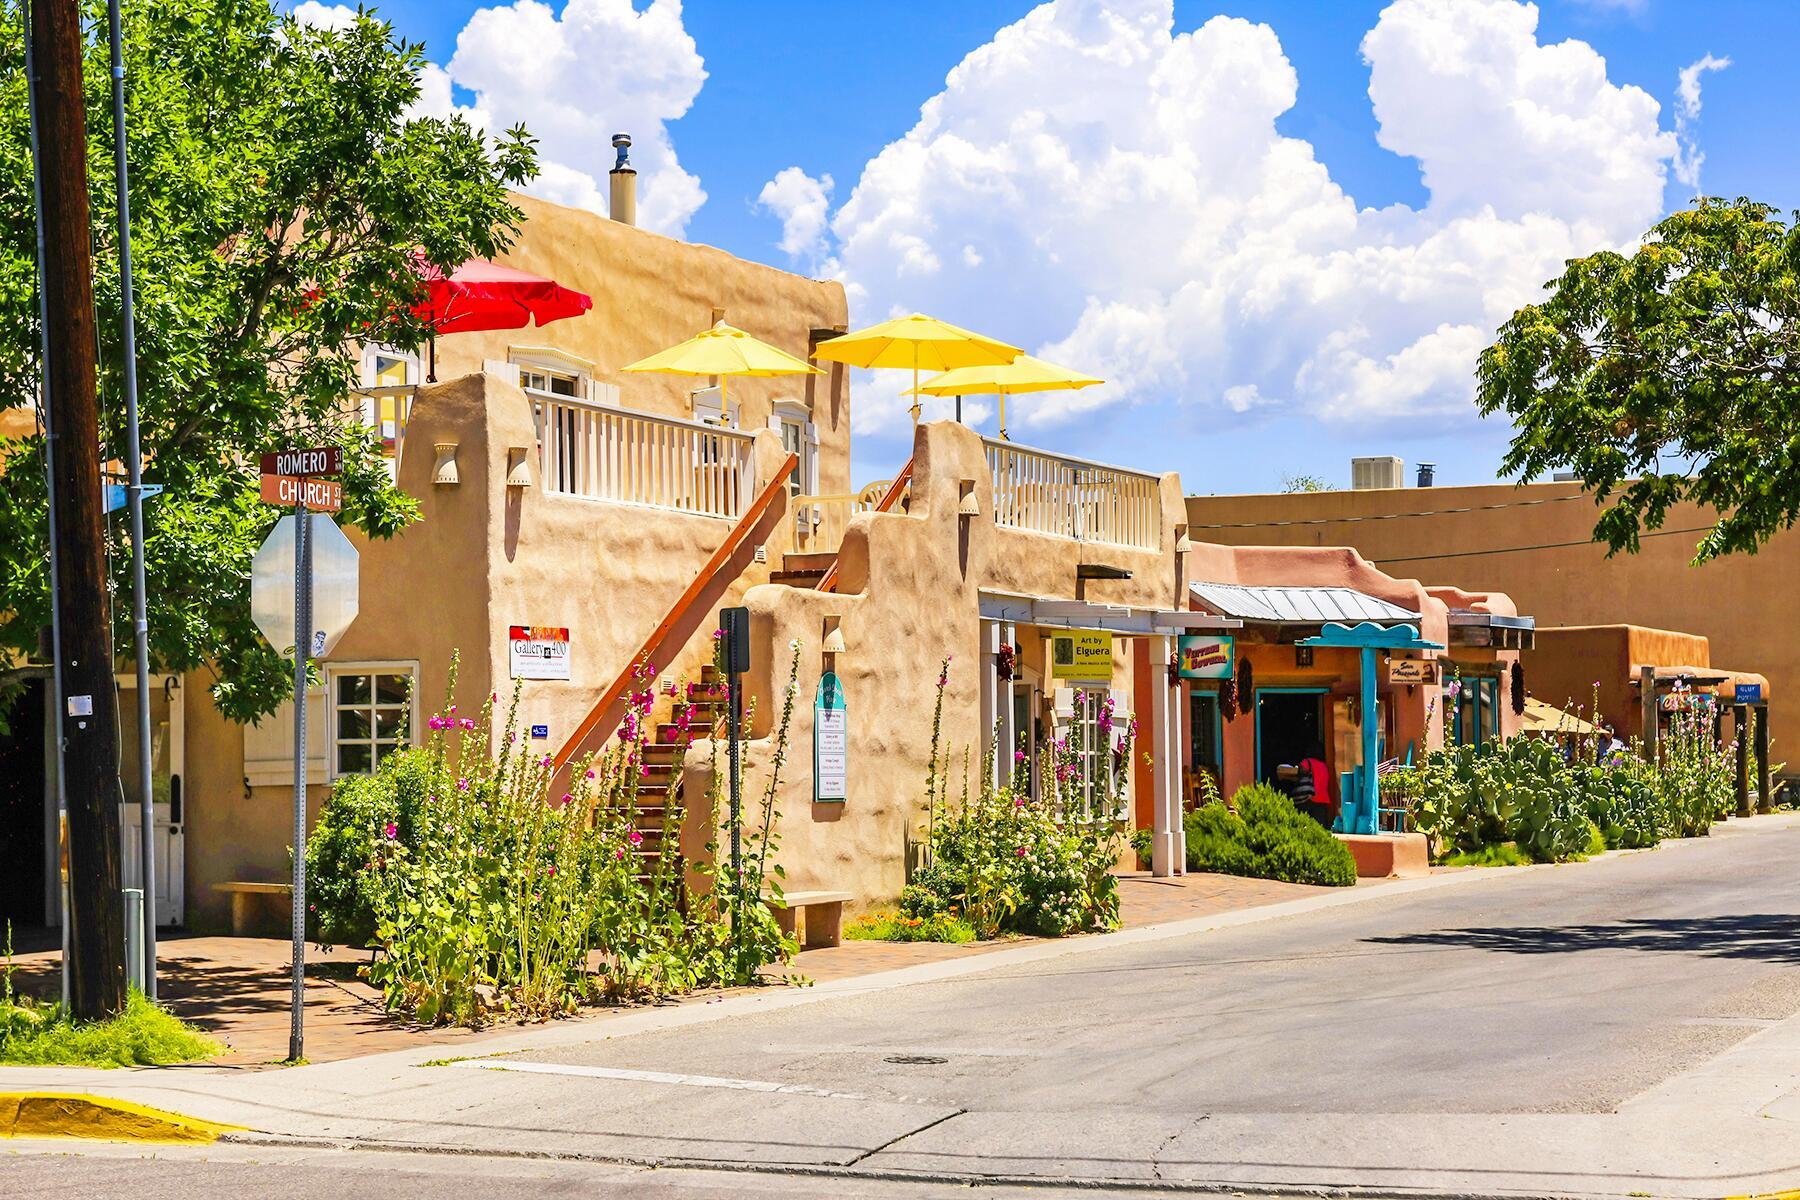 Taos to Albuquerque, New Mexico